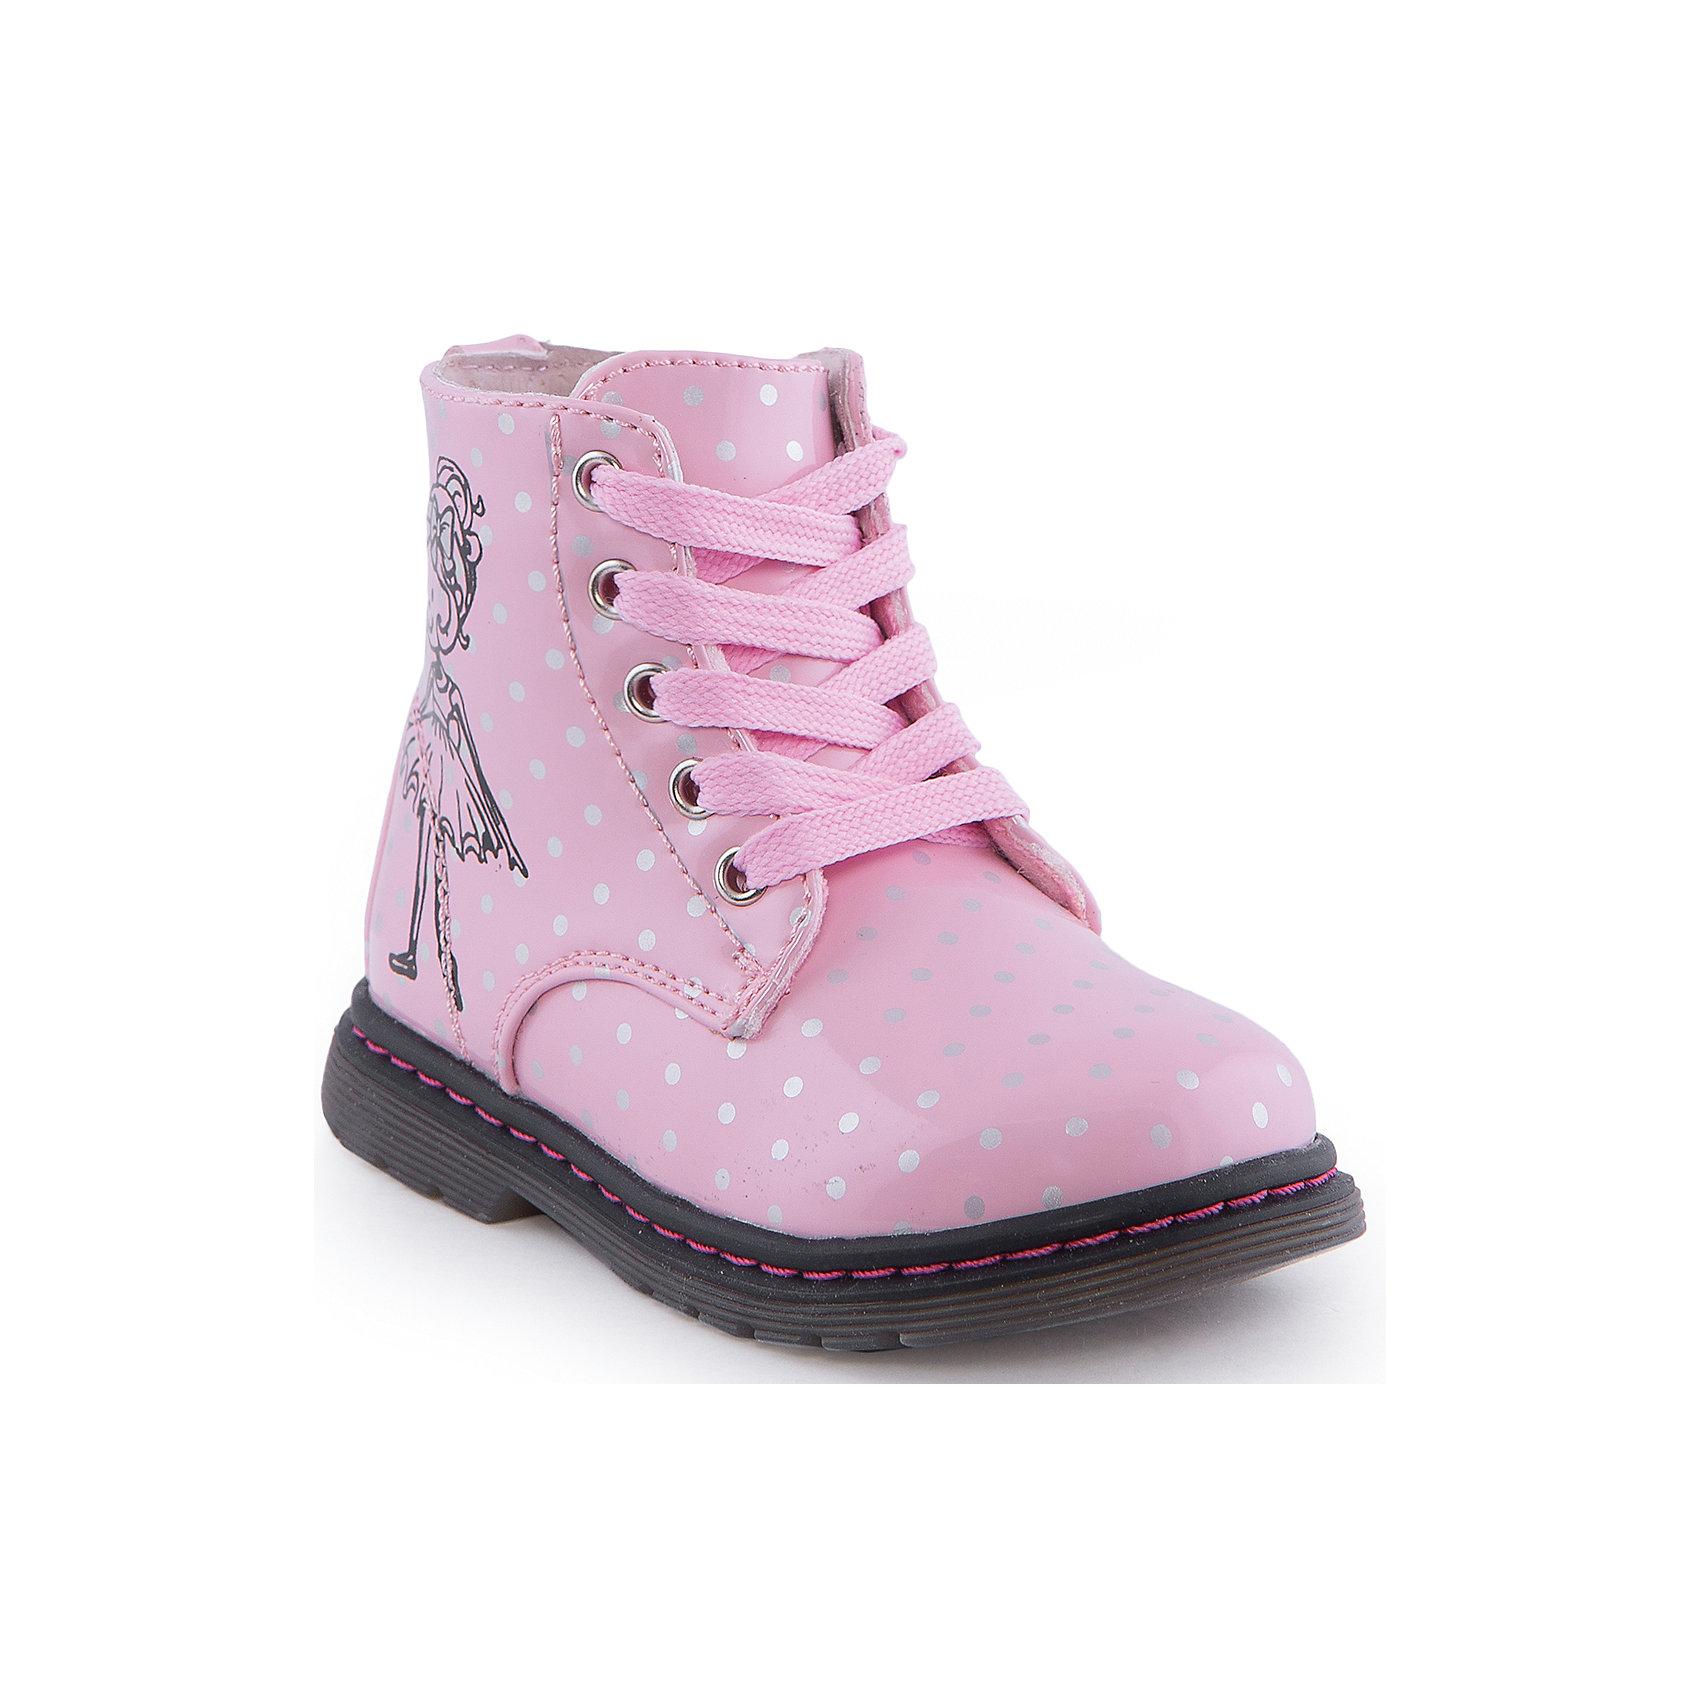 Ботинки для девочки Indigo kidsБотинки для девочки от известного бренда Indigo kids<br><br>Модные  высокие ботинки позволяют ножкам ребенка быть в тепле и сухости. Они легко надеваются и комфортно садятся по ноге. Оригинальный дизайн и качественное исполнение выделяют такую обувь из общего ряда новых моделей для этого сезона.<br><br>Особенности модели:<br><br>- цвет - белый;<br>- стильный дизайн;<br>- удобная колодка;<br>- подкладка-  байка;<br>- украшены принтом;<br>- устойчивая подошва;<br>- застежки: молния, шнуровка.<br><br>Дополнительная информация:<br><br>Температурный режим: от +5° С до +15° С<br><br>Состав:<br><br>верх – искусственная кожа;<br>подкладка -  байка;<br>подошва - ТЭП.<br><br>Ботинки для девочки Indigo kids (Индиго Кидс) можно купить в нашем магазине.<br><br>Ширина мм: 262<br>Глубина мм: 176<br>Высота мм: 97<br>Вес г: 427<br>Цвет: розовый<br>Возраст от месяцев: 18<br>Возраст до месяцев: 21<br>Пол: Женский<br>Возраст: Детский<br>Размер: 23,28,27,26,24,25<br>SKU: 4582812